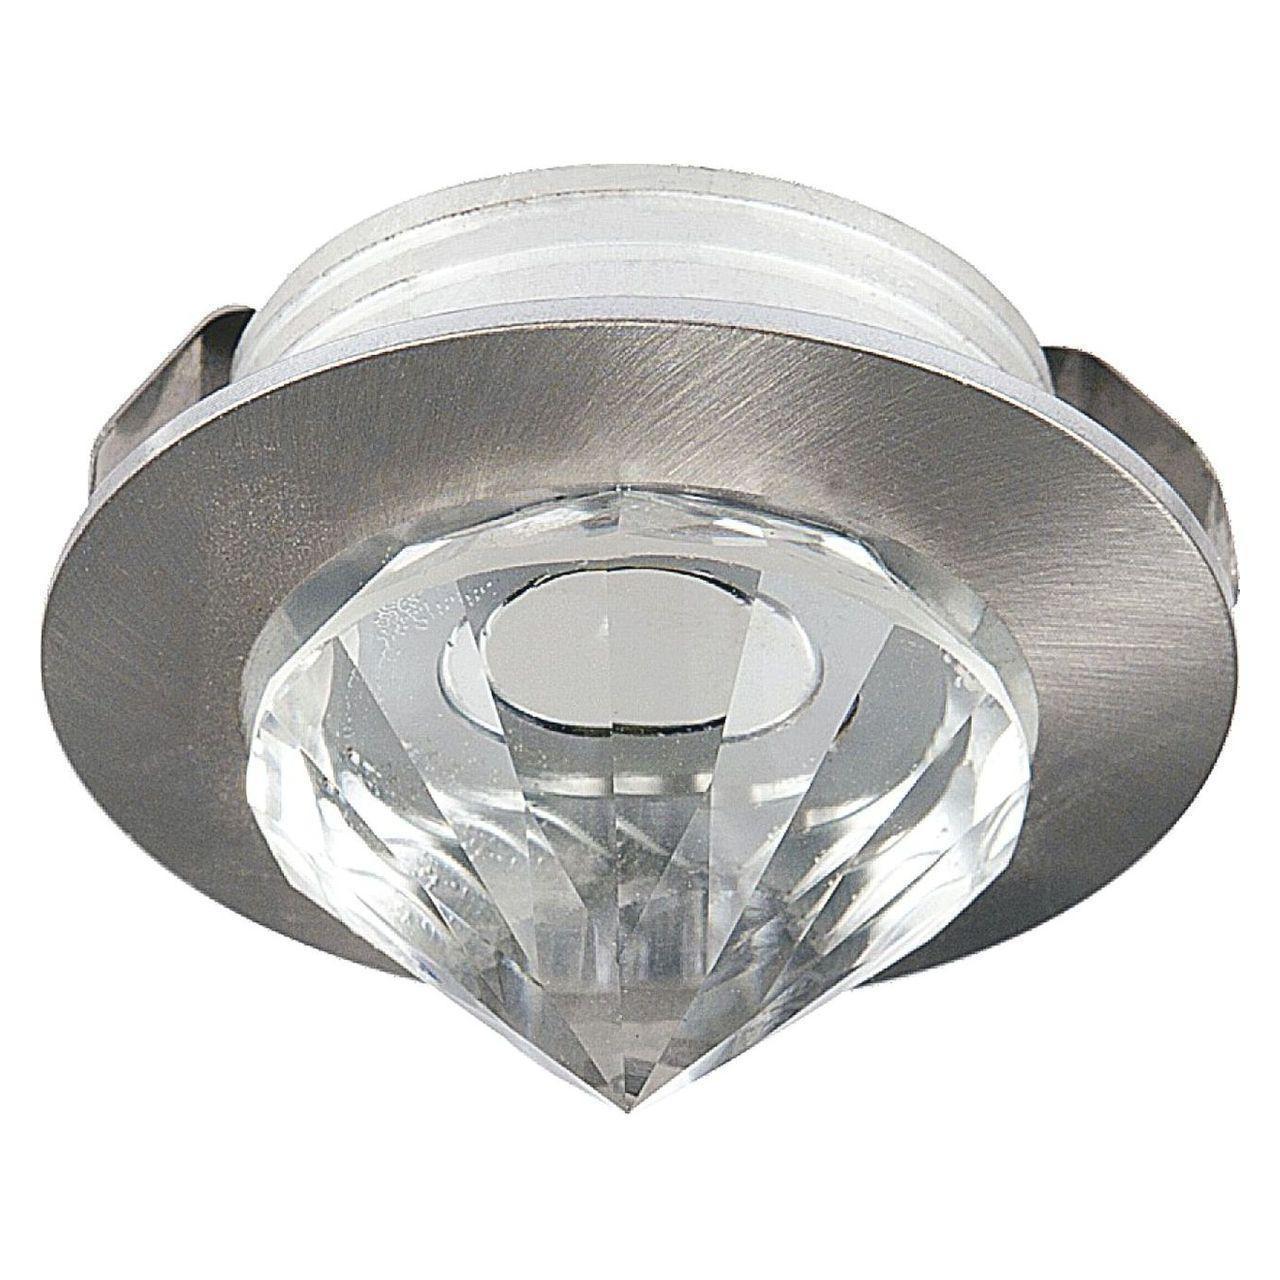 Встраиваемый светодиодный светильник Horoz Nadia 1W 2700К матовый хром 016-027-0001 (HL661L) встраиваемый светодиодный светильник horoz nadia 1w 6400к матовый хром 016 027 0001